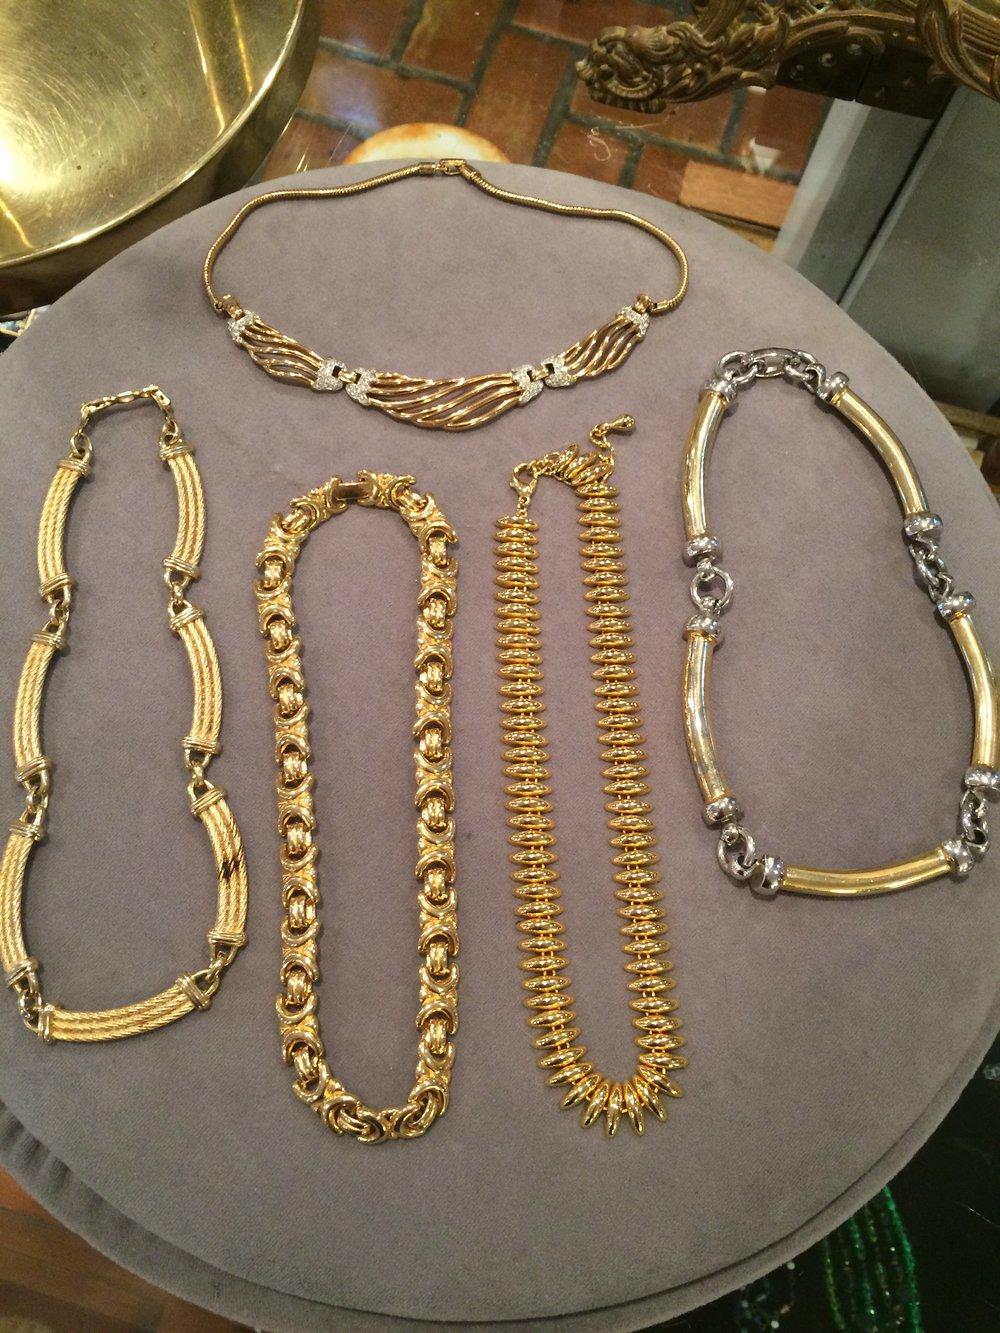 jewelry 3 (9).JPG